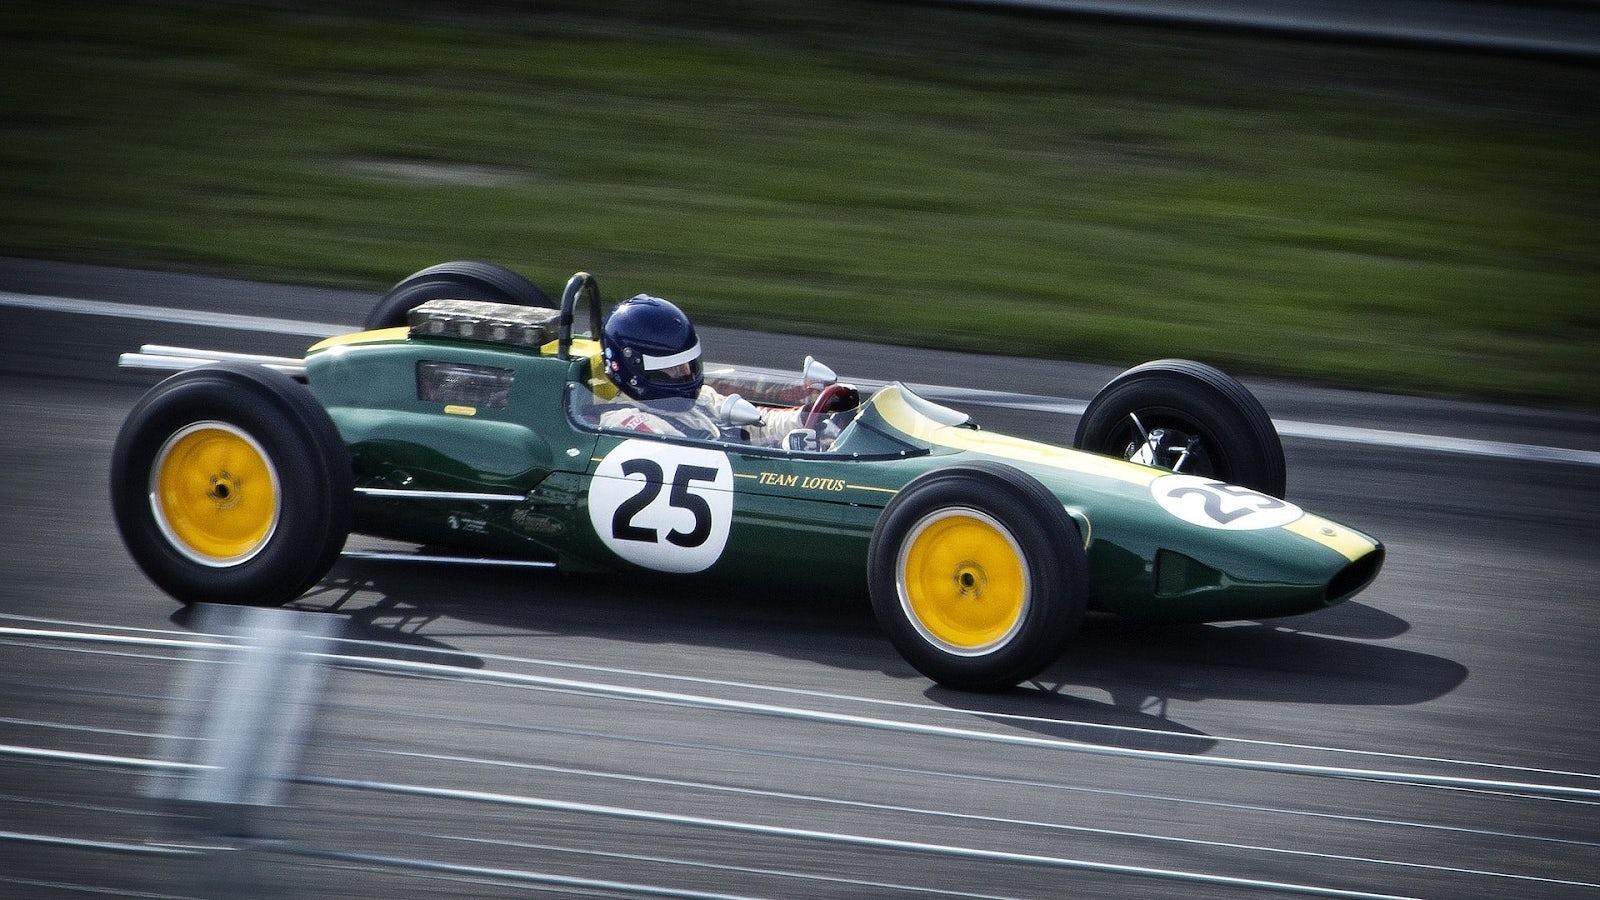 Racerbil som kör på en racingbana.